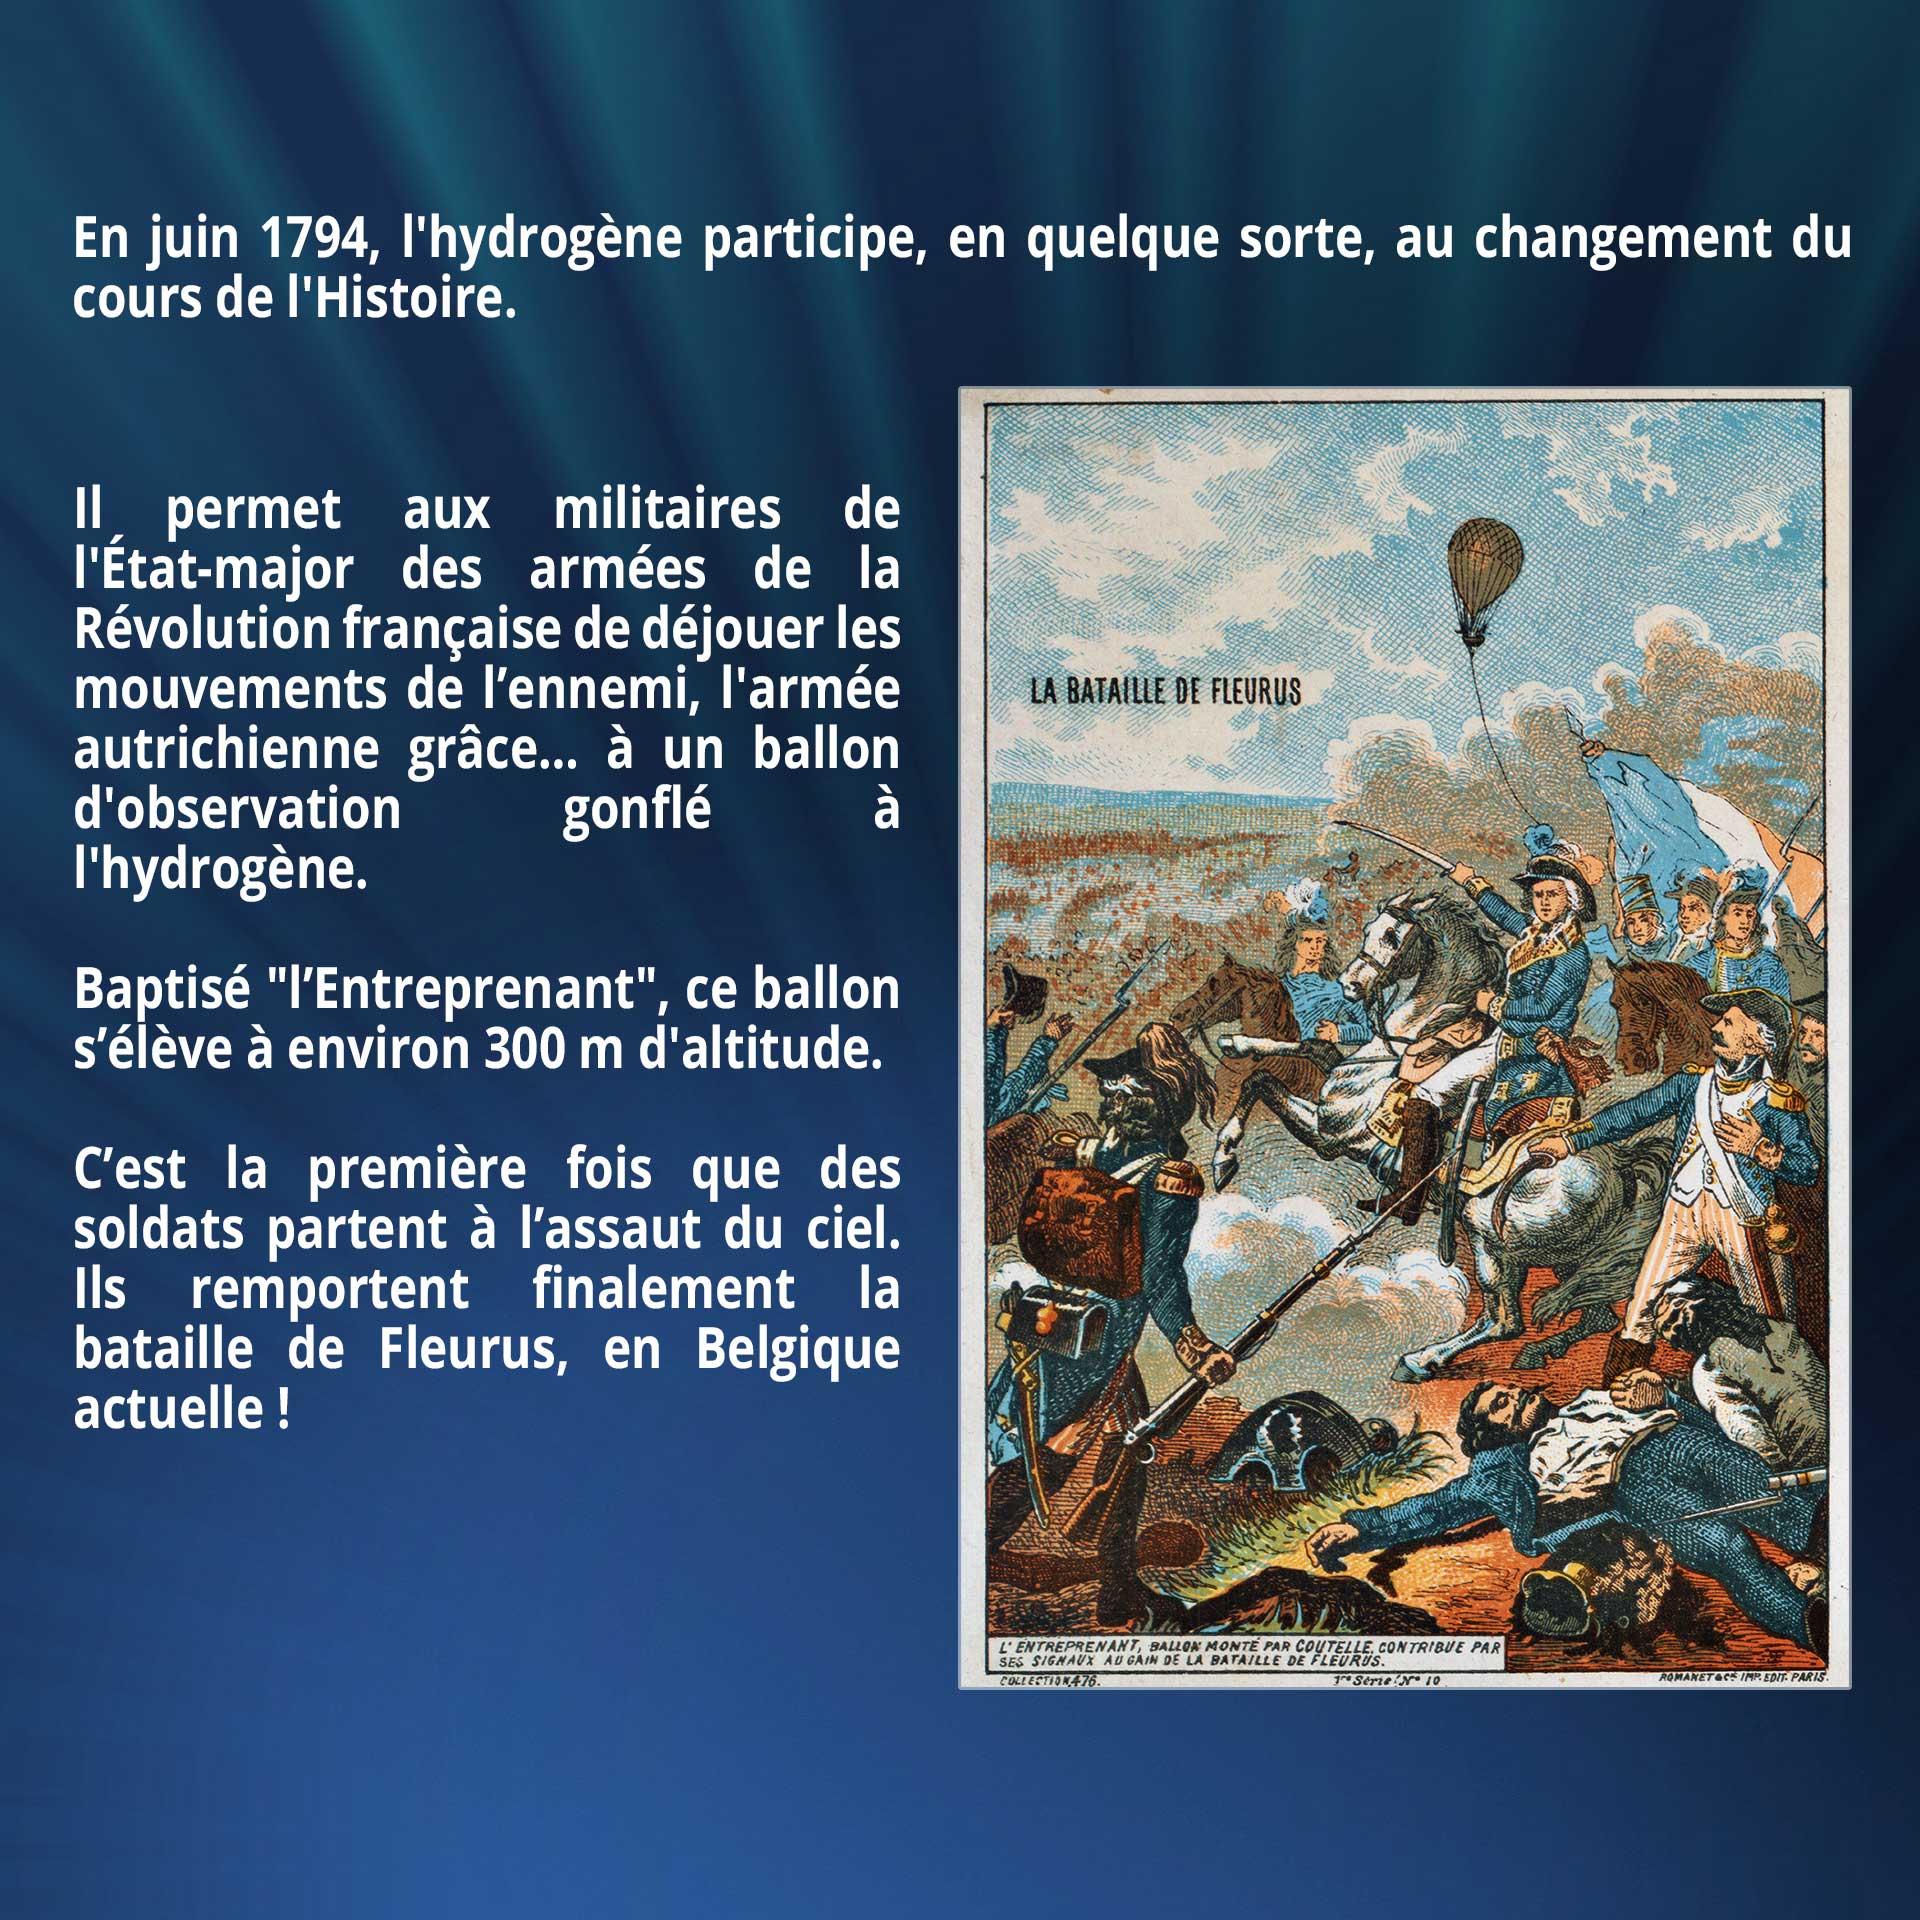 En juin 1794, l'hydrogène participe, en quelque sorte, au changement du cours de l'Histoire. Il permet aux militaires de l'État-major des armées de la Révolution française de déjouer les mouvements de l'ennemi, l'armée autrichienne grâce… à un ballon d'observation gonflé à l'hydrogène. Baptisé l'Entreprenant, ce ballon s'élève à environ 300 m d'altitude. C'est la première fois que des soldats partent à l'assaut du ciel. Ils remportent finalement la bataille de Fleurus, en Belgique actuelle !